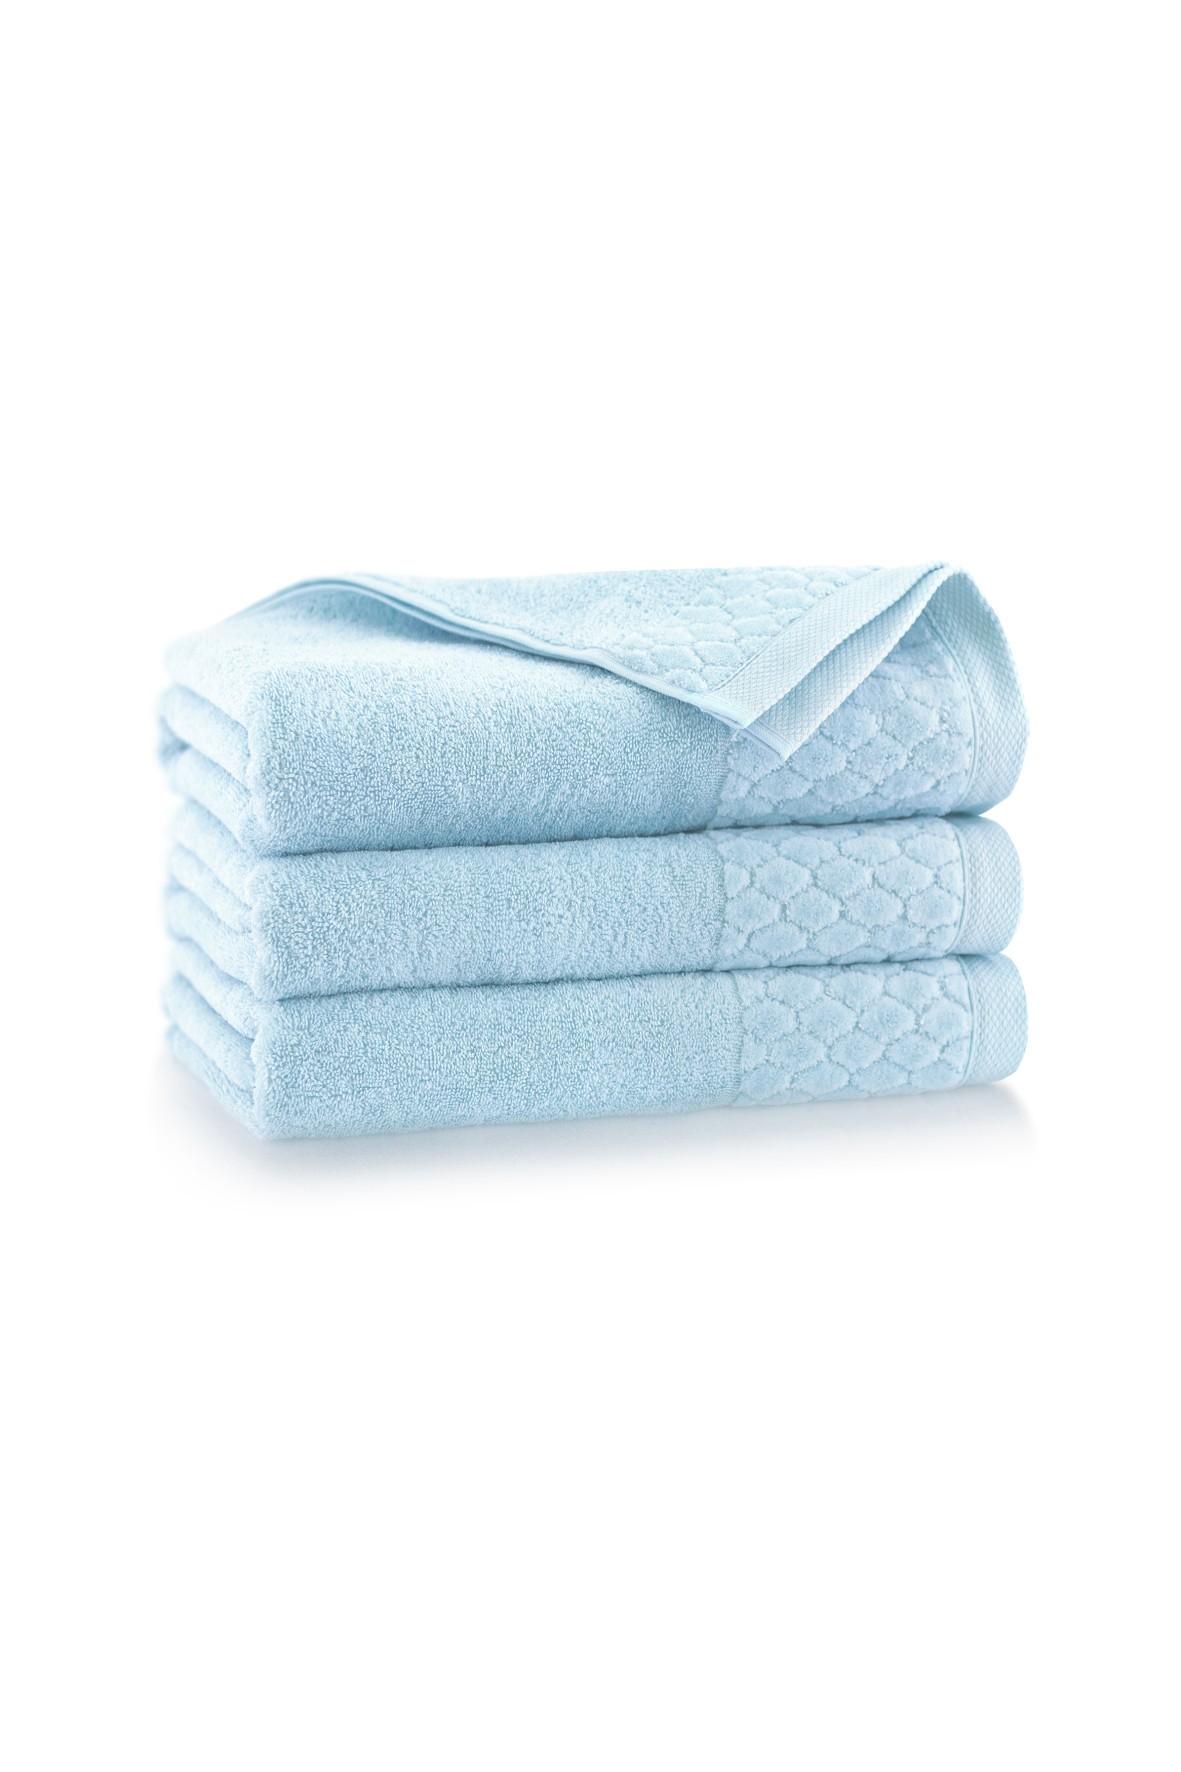 Ręcznik antybakteryjny Carlo z bawełny egipskiej świetlik - 50x100 cm